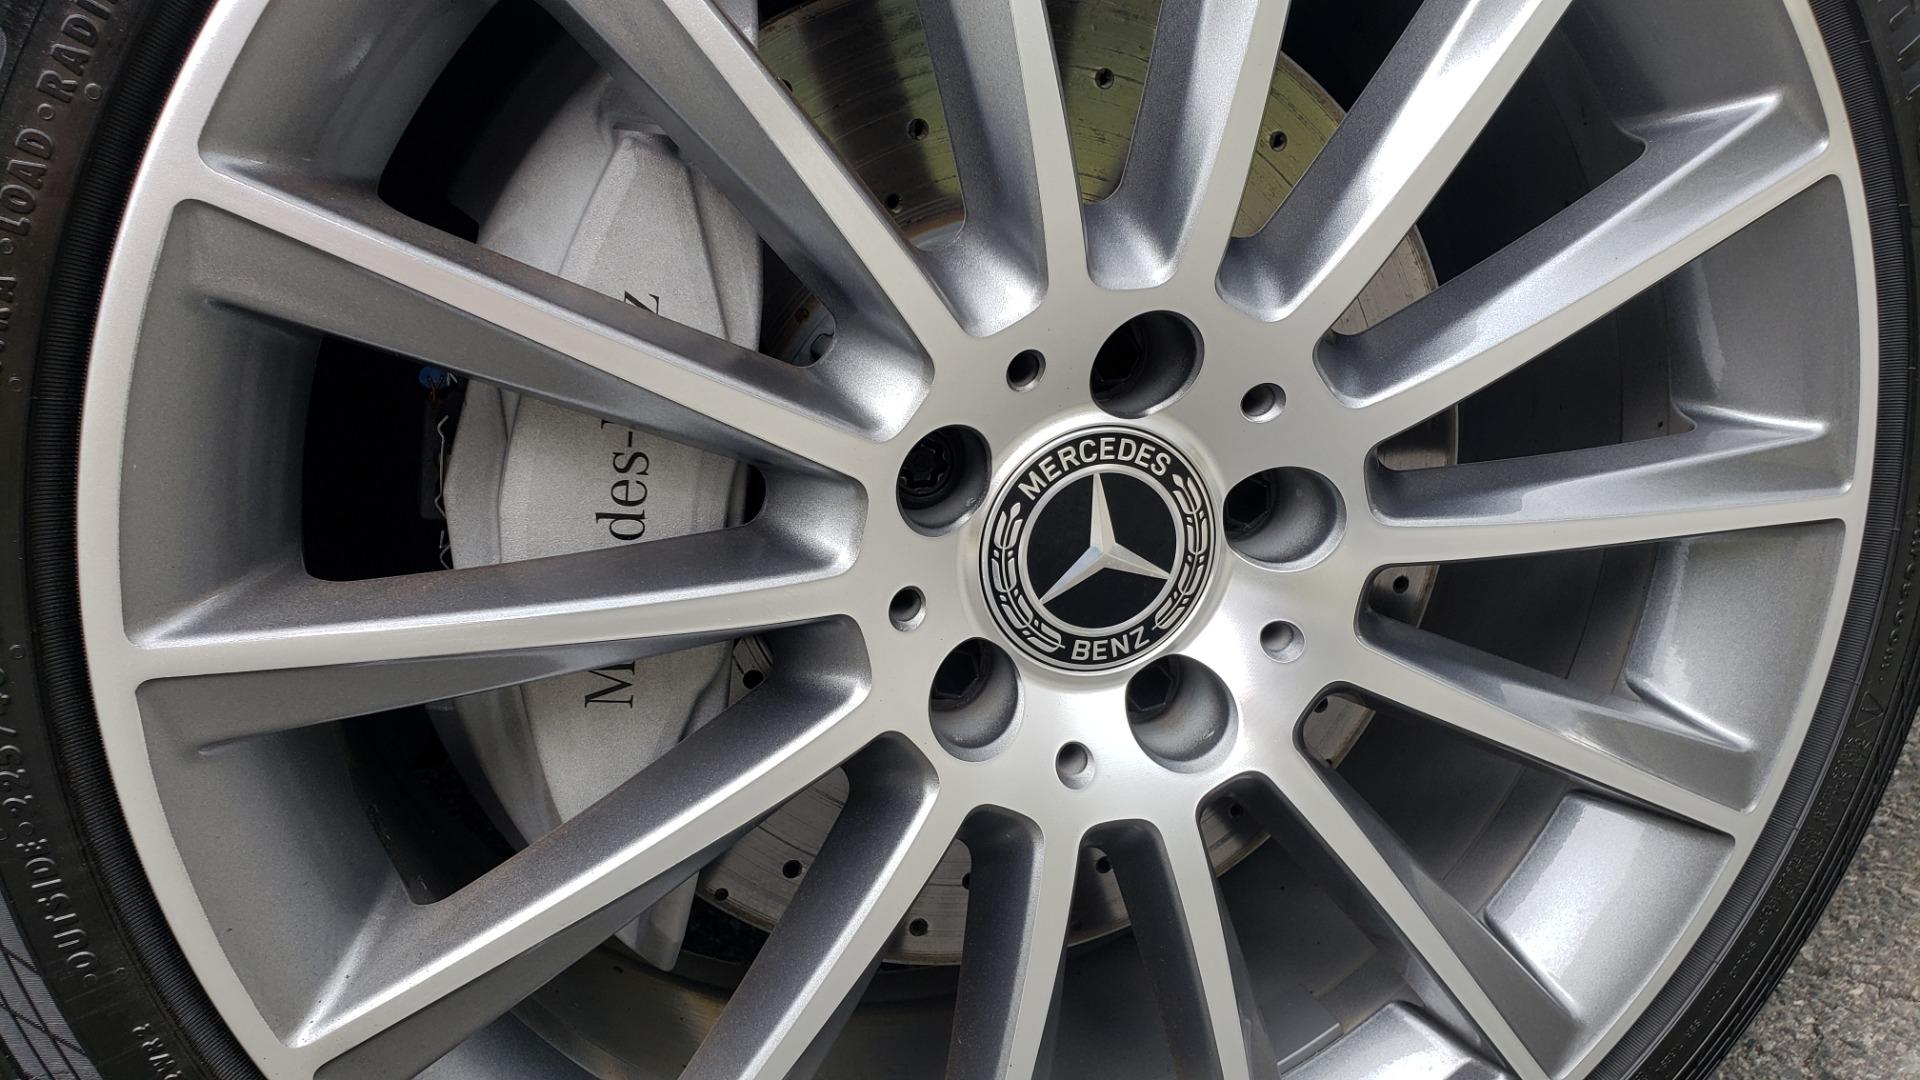 Used 2019 Mercedes-Benz C-CLASS C 300 CABRIOLET / PREM PKG / NAV / BURMESTER / MULTIMEDIA for sale Sold at Formula Imports in Charlotte NC 28227 89